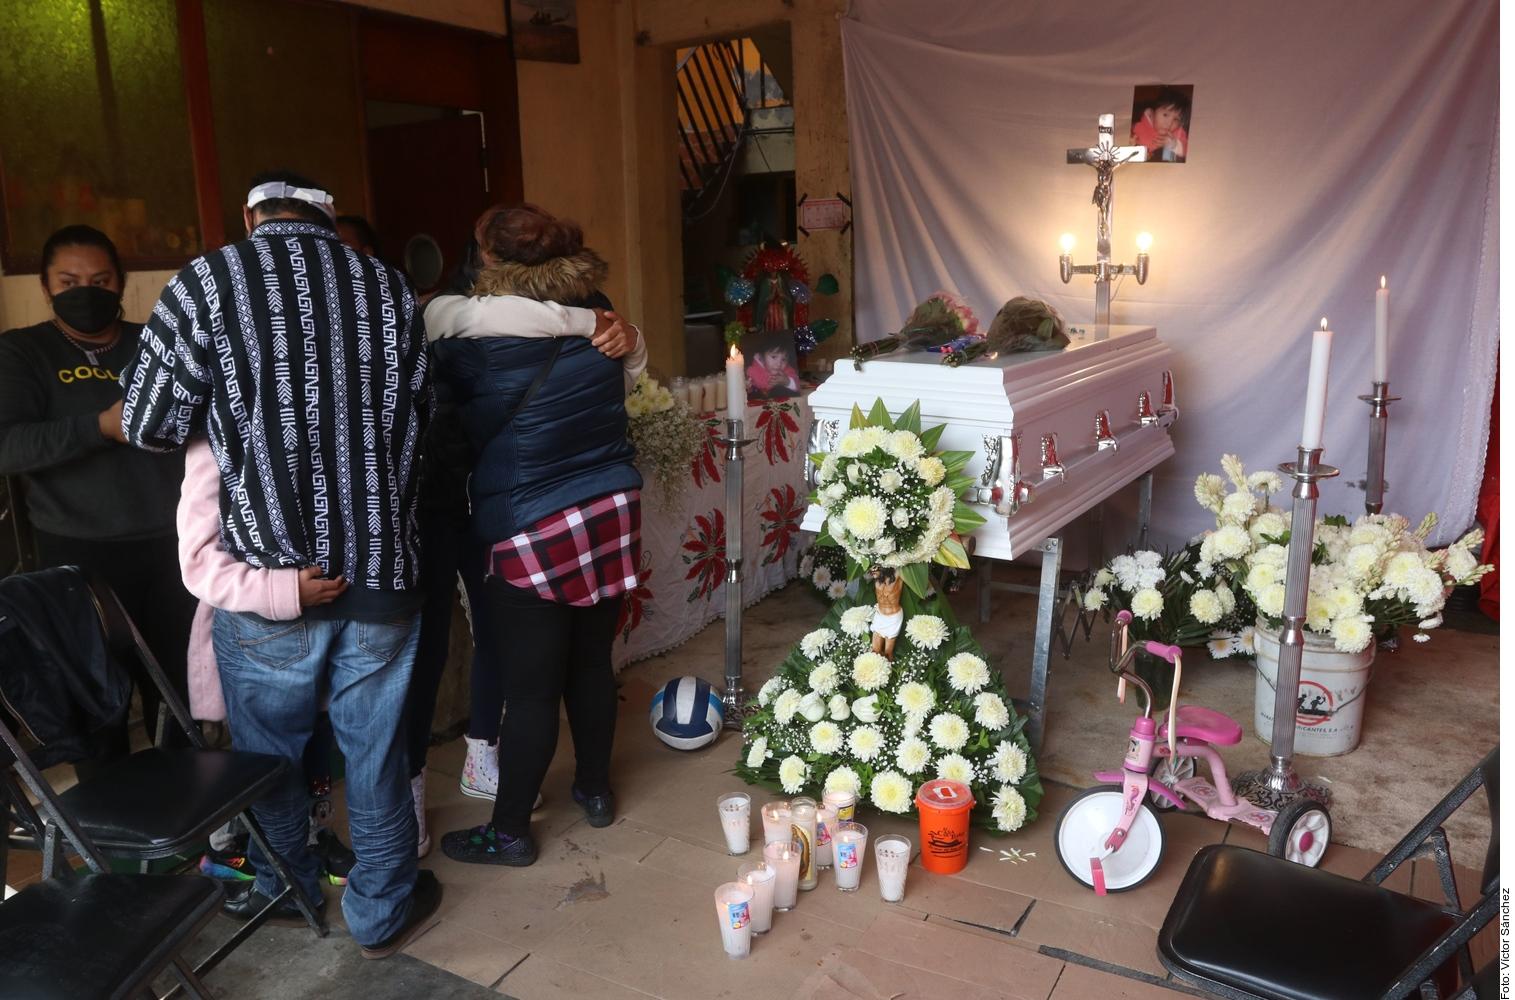 Familiares velan el cuerpo de la niña Mía Mayrín de 3 años. Foto: Agencia Reforma.